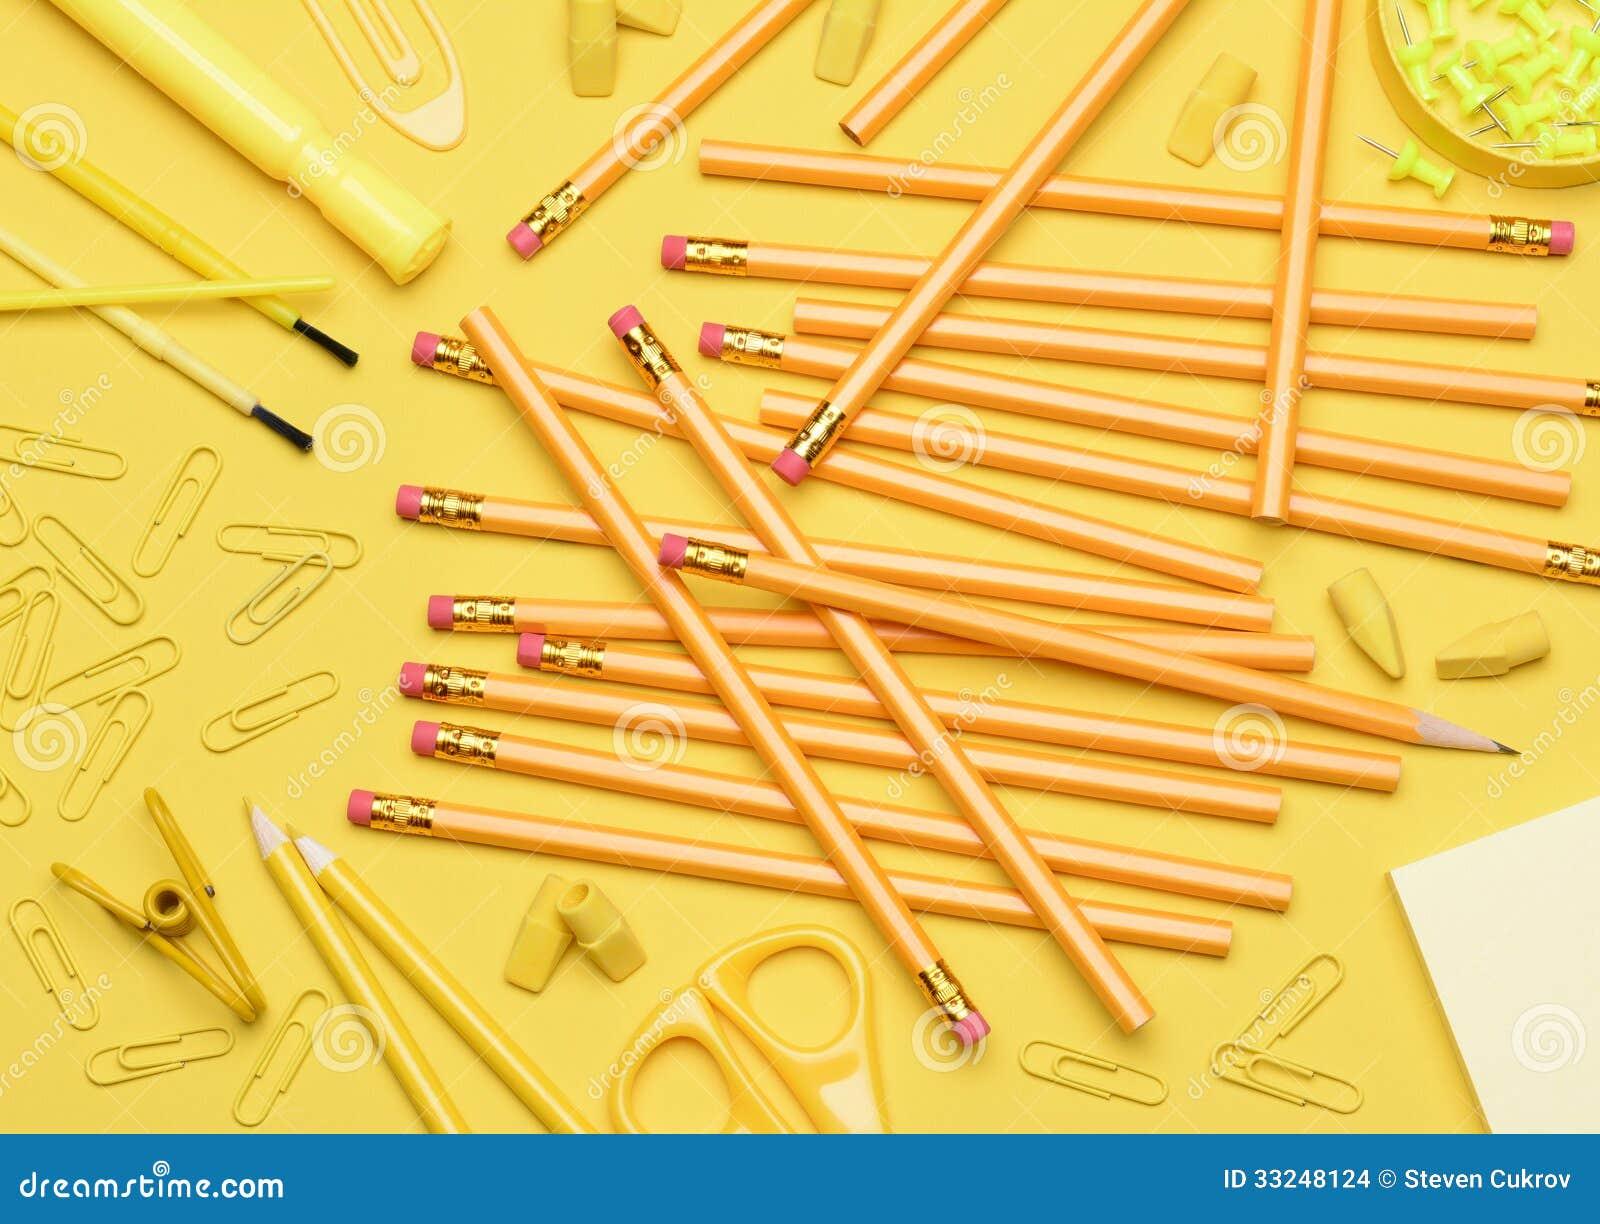 yellow school supplies stock photo 33248124 megapixl